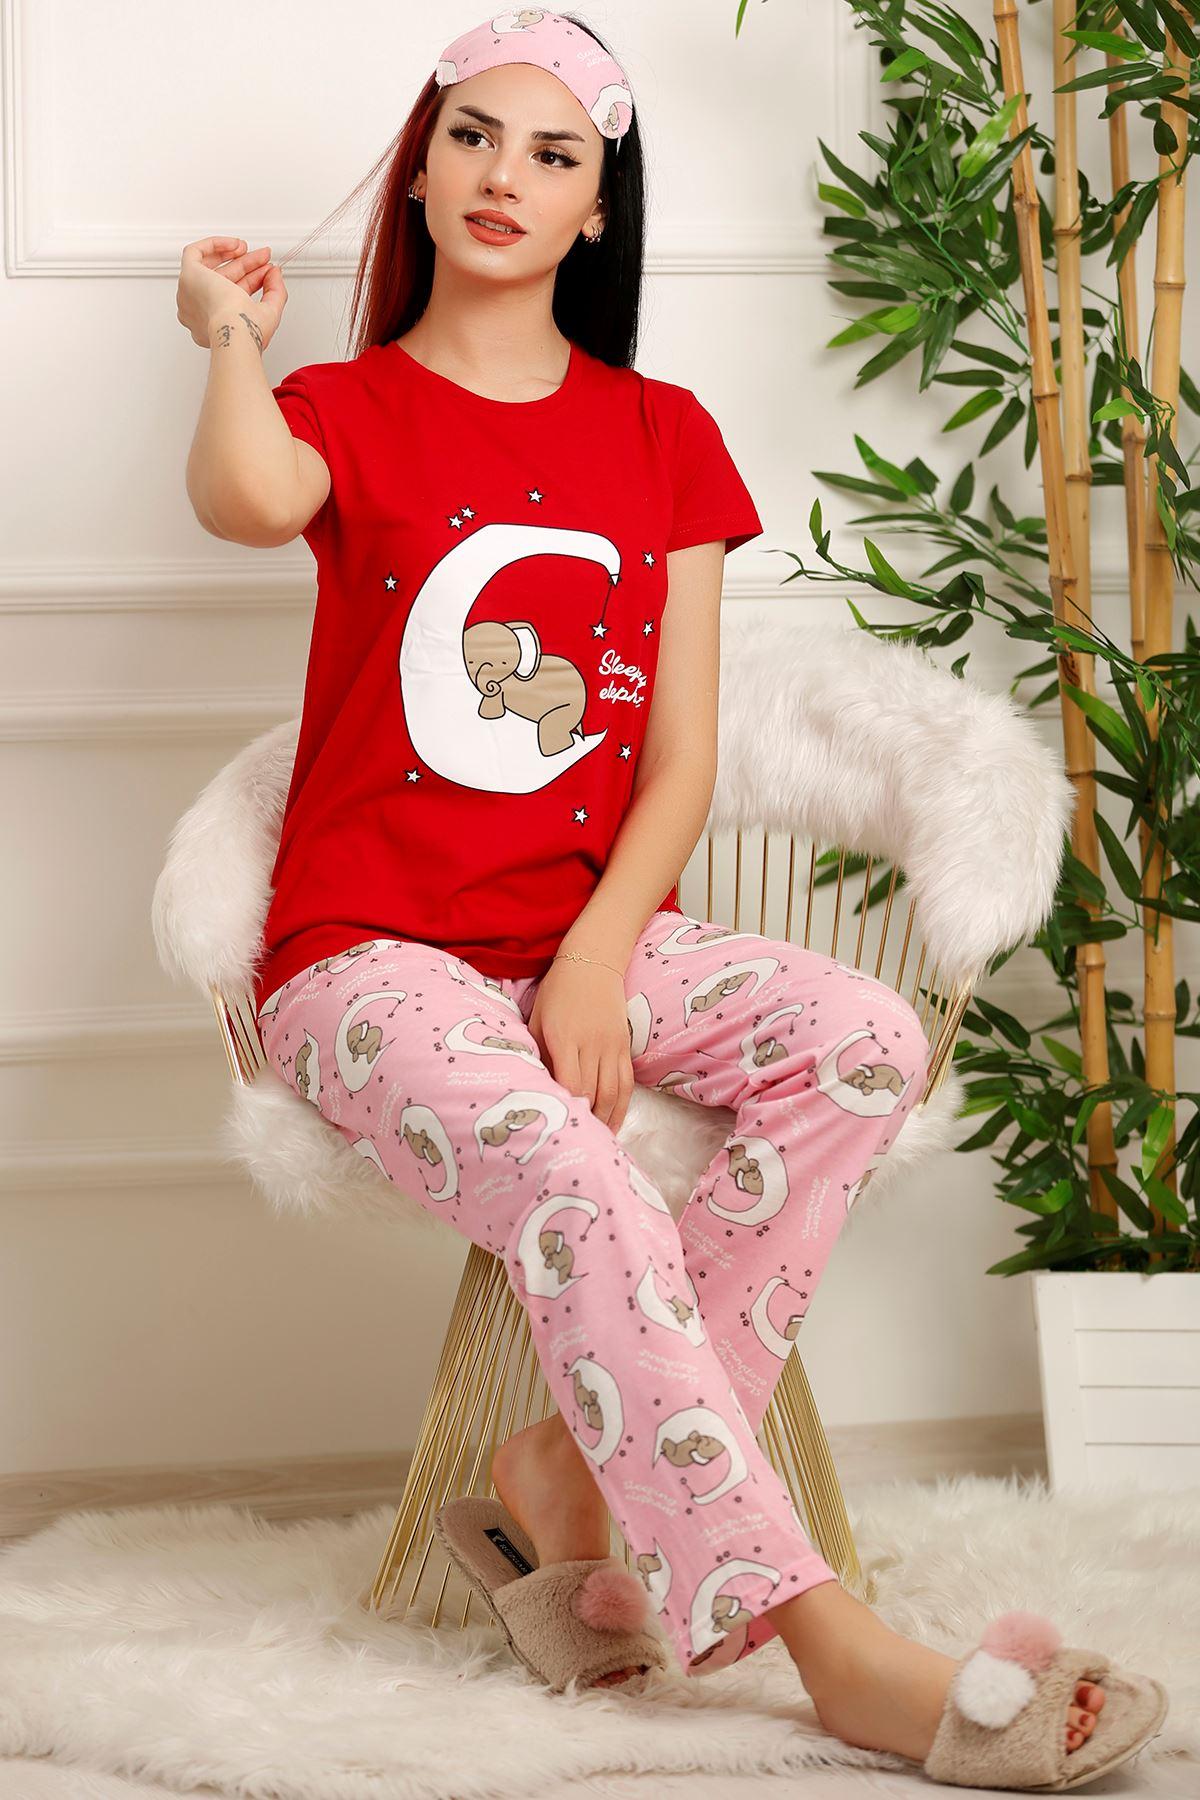 Kadın Pijama Takımı Kırmızı - 2328.1059.